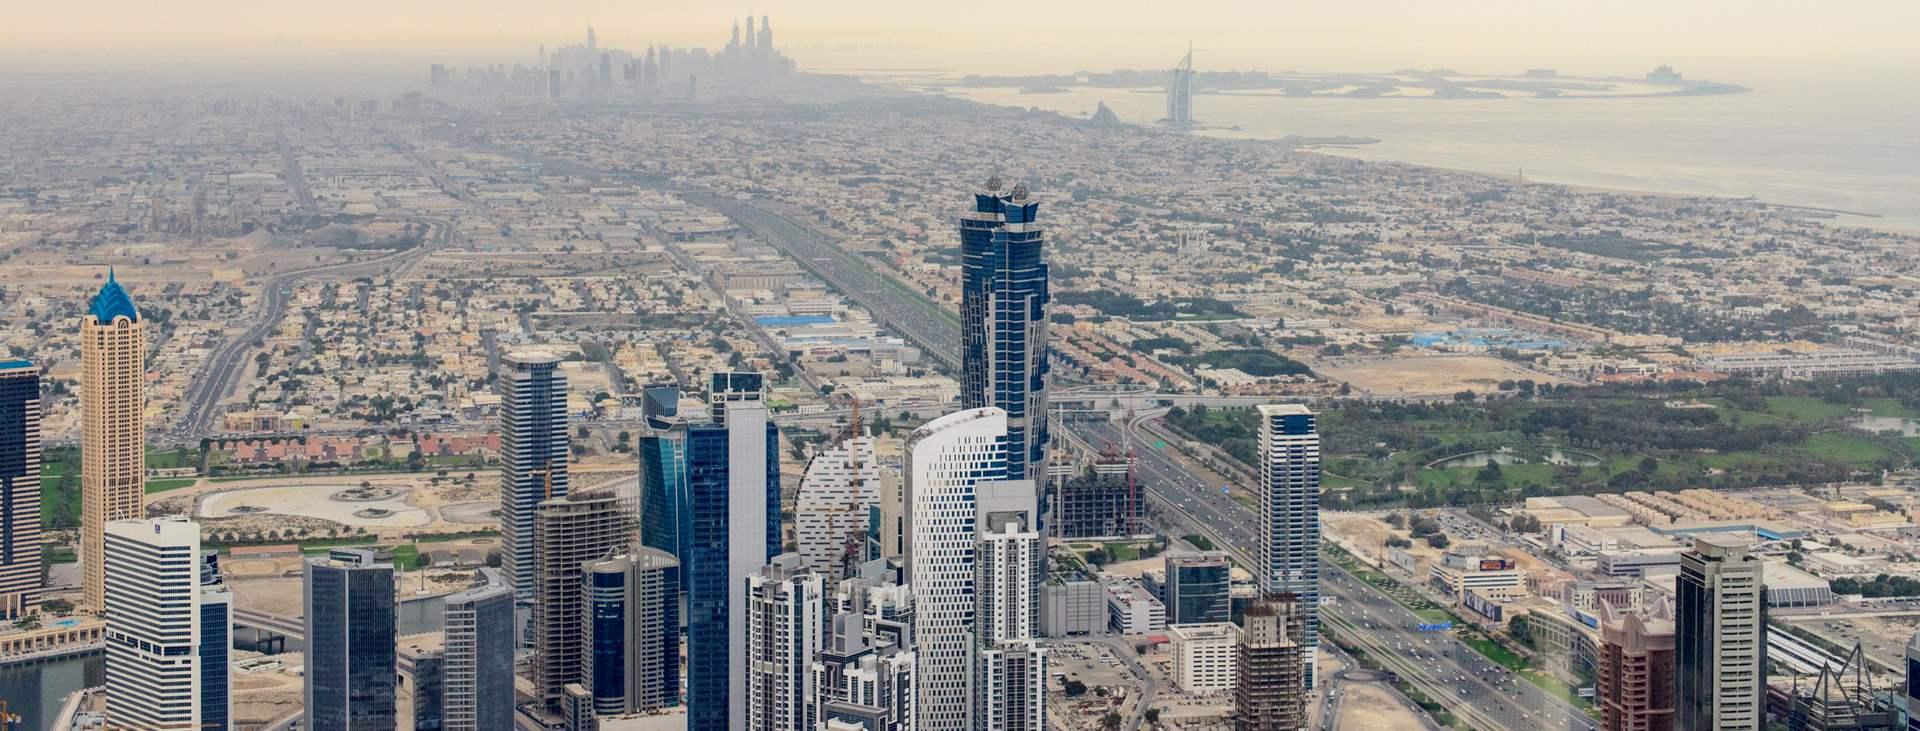 Bestill en reise til Downtown Dubai med Ving